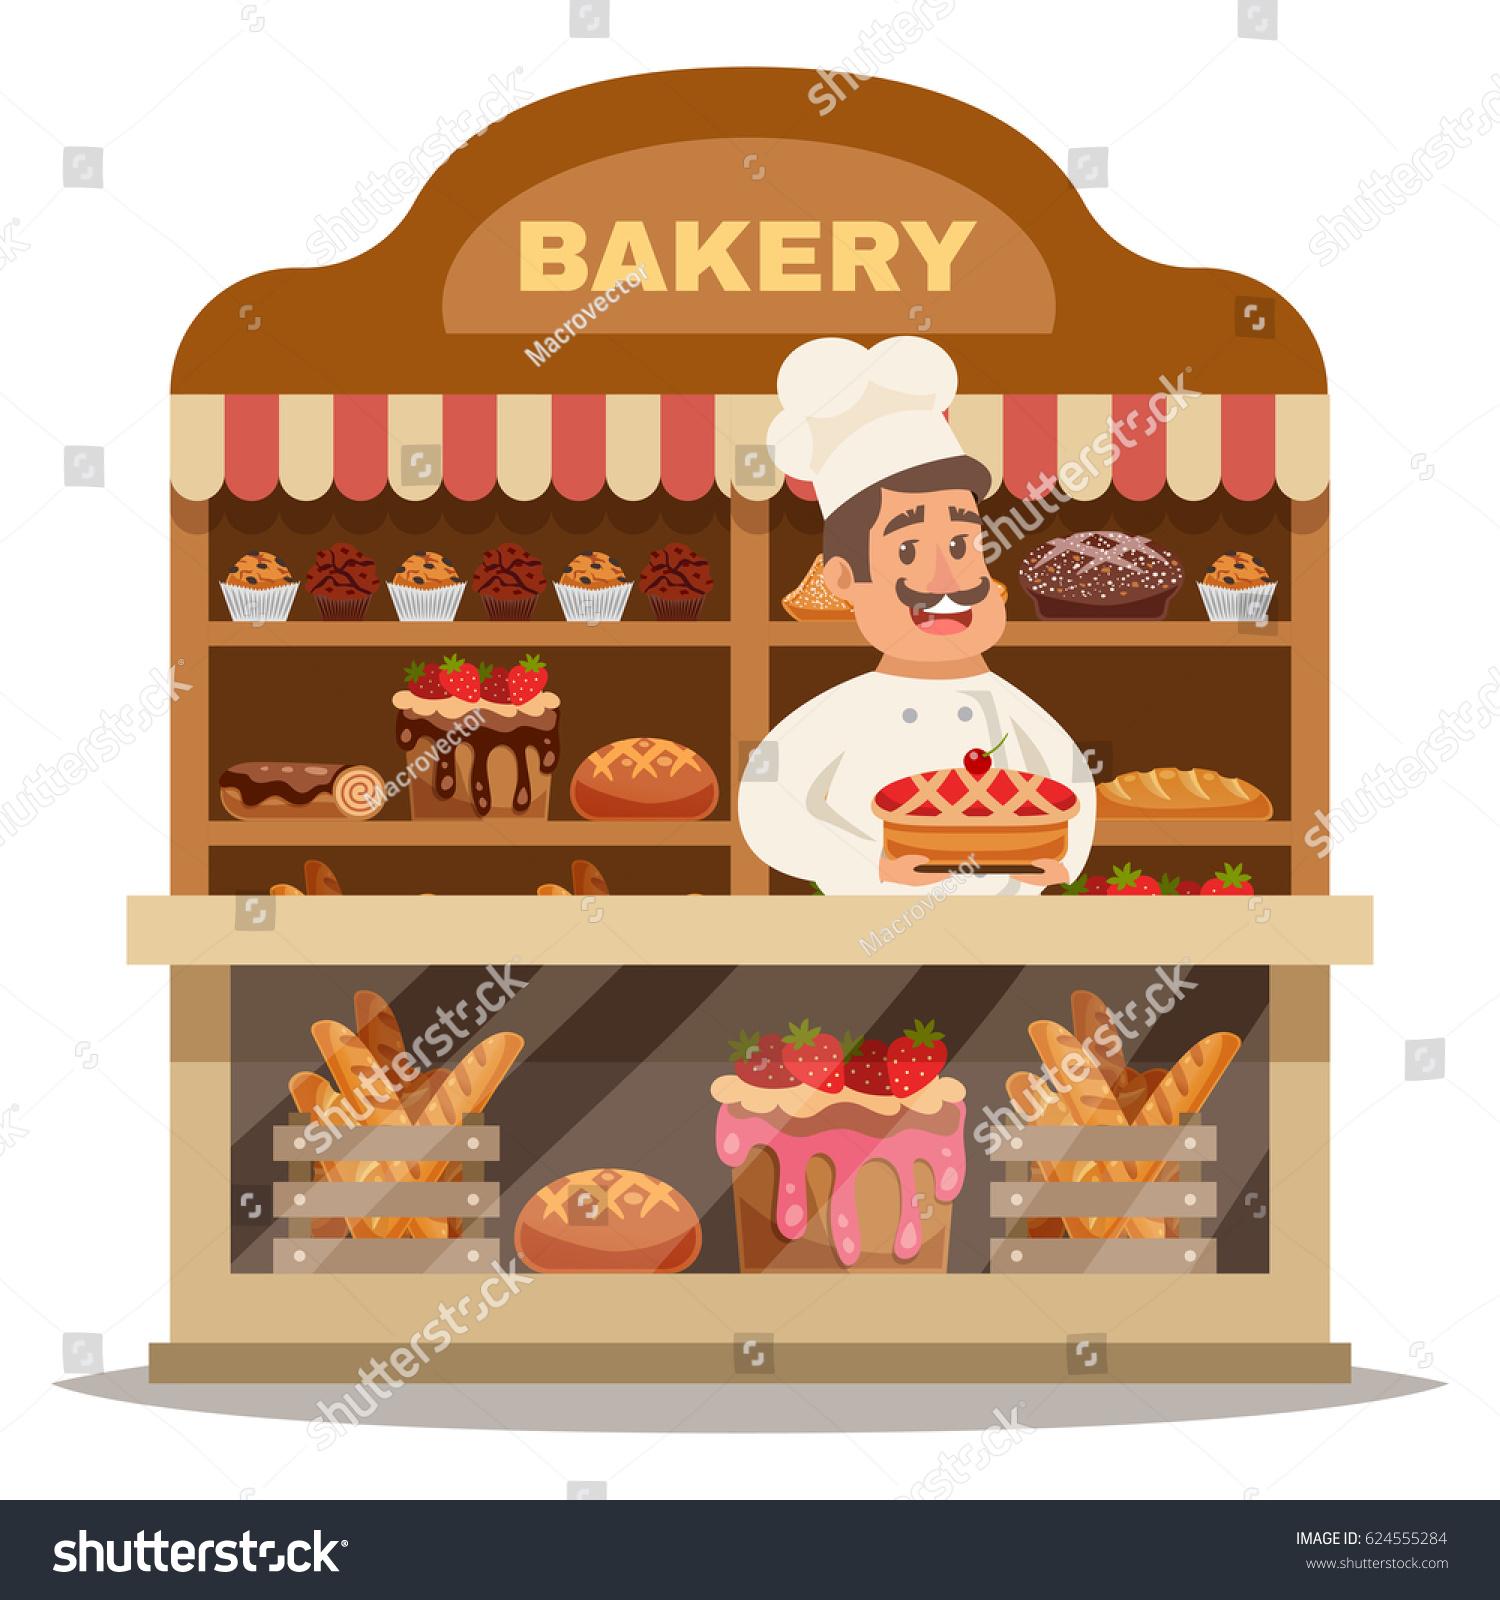 Retro Bakery Logo Concept:  Bakery Shop Design Concept Chef Hat Stock Vector 624555284